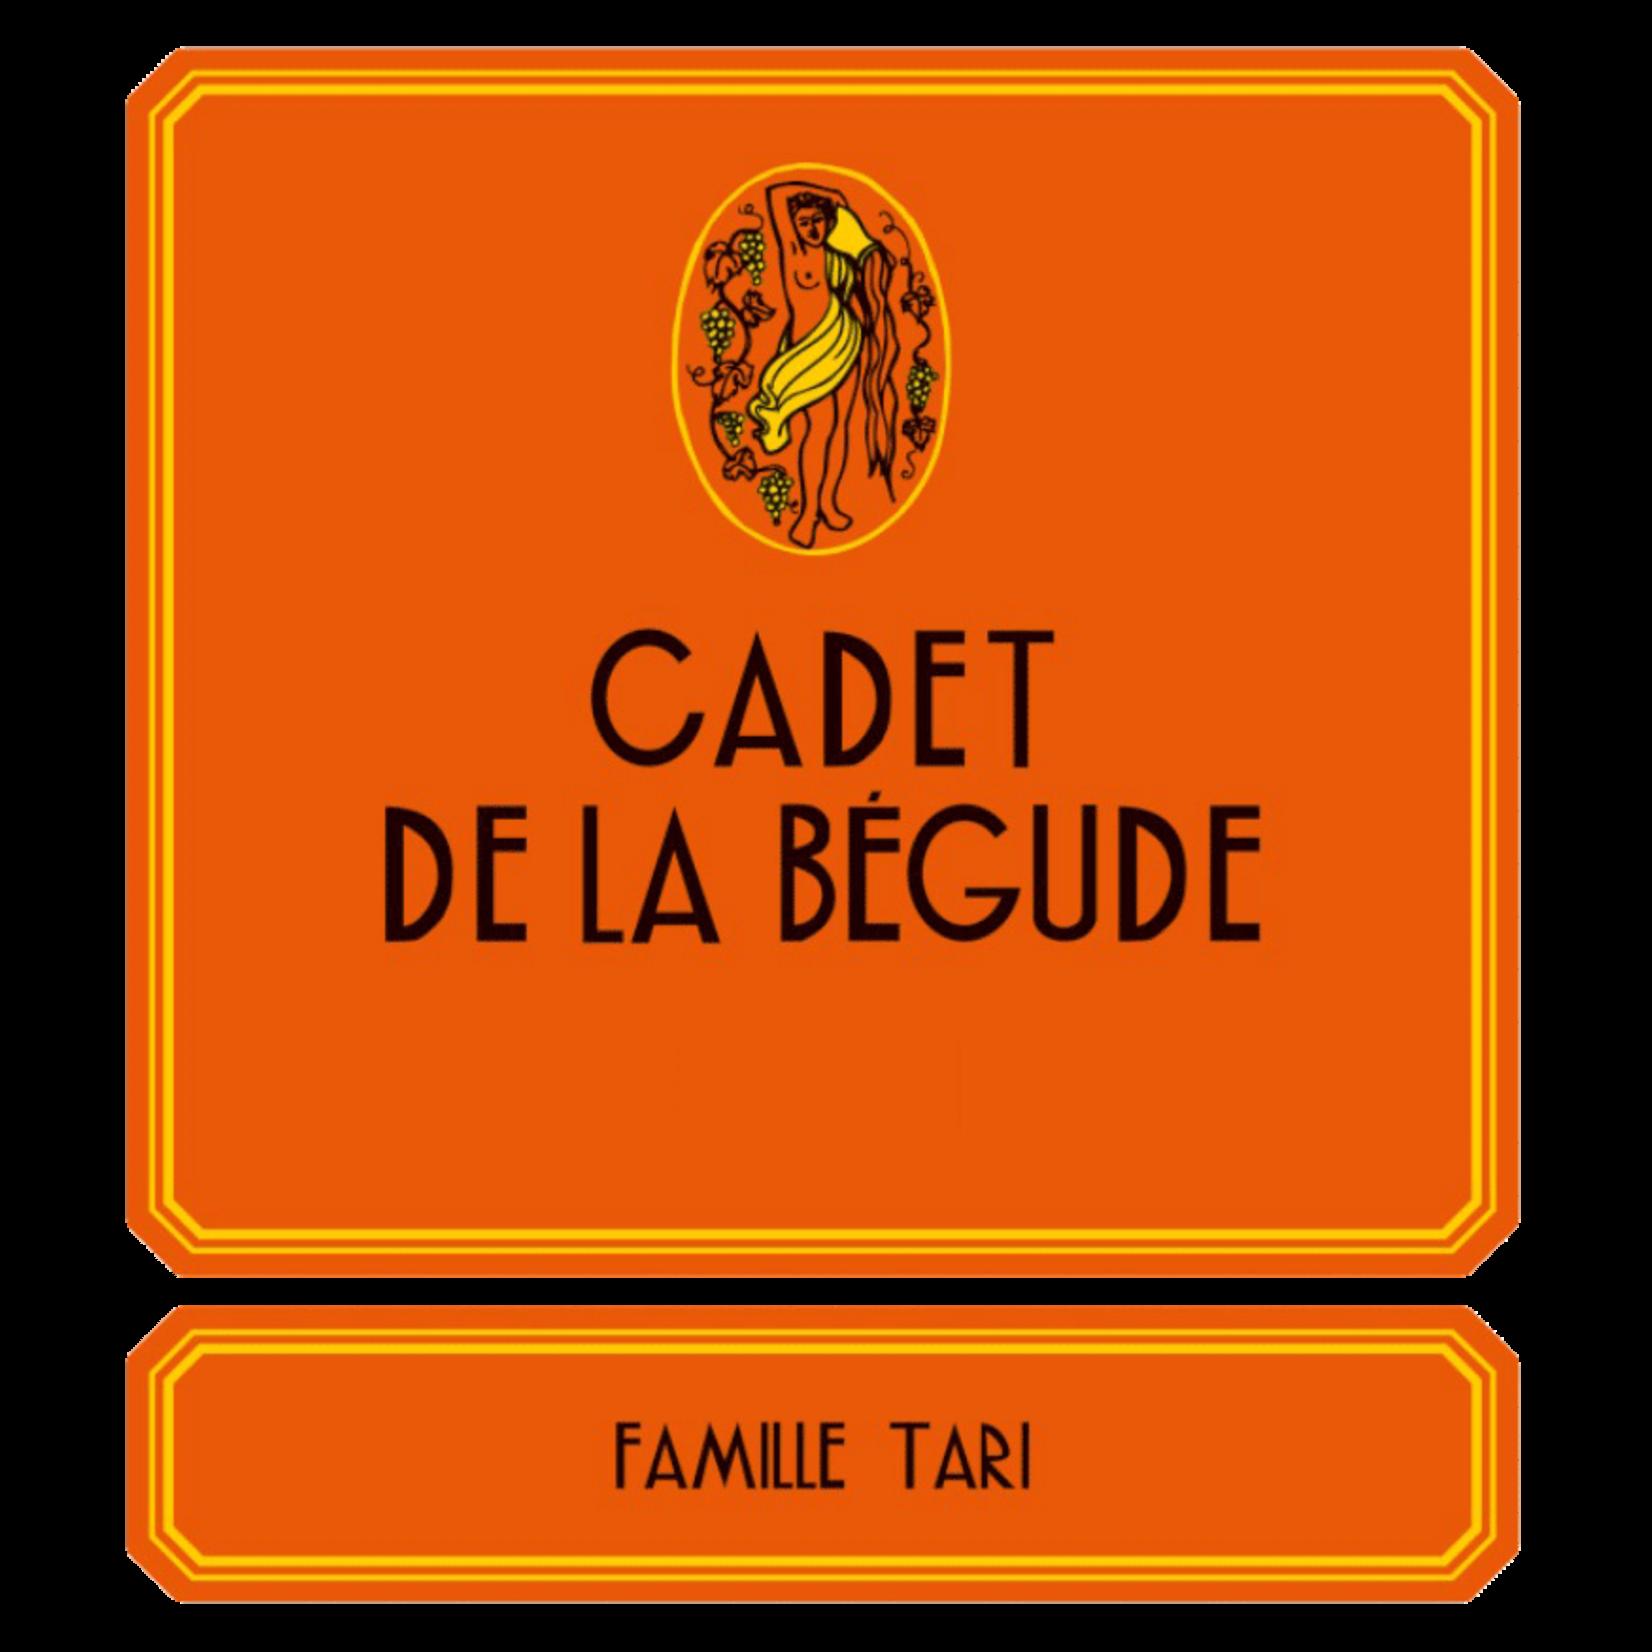 Wine Domaine de la Begude Mediterranee Cadet 2017